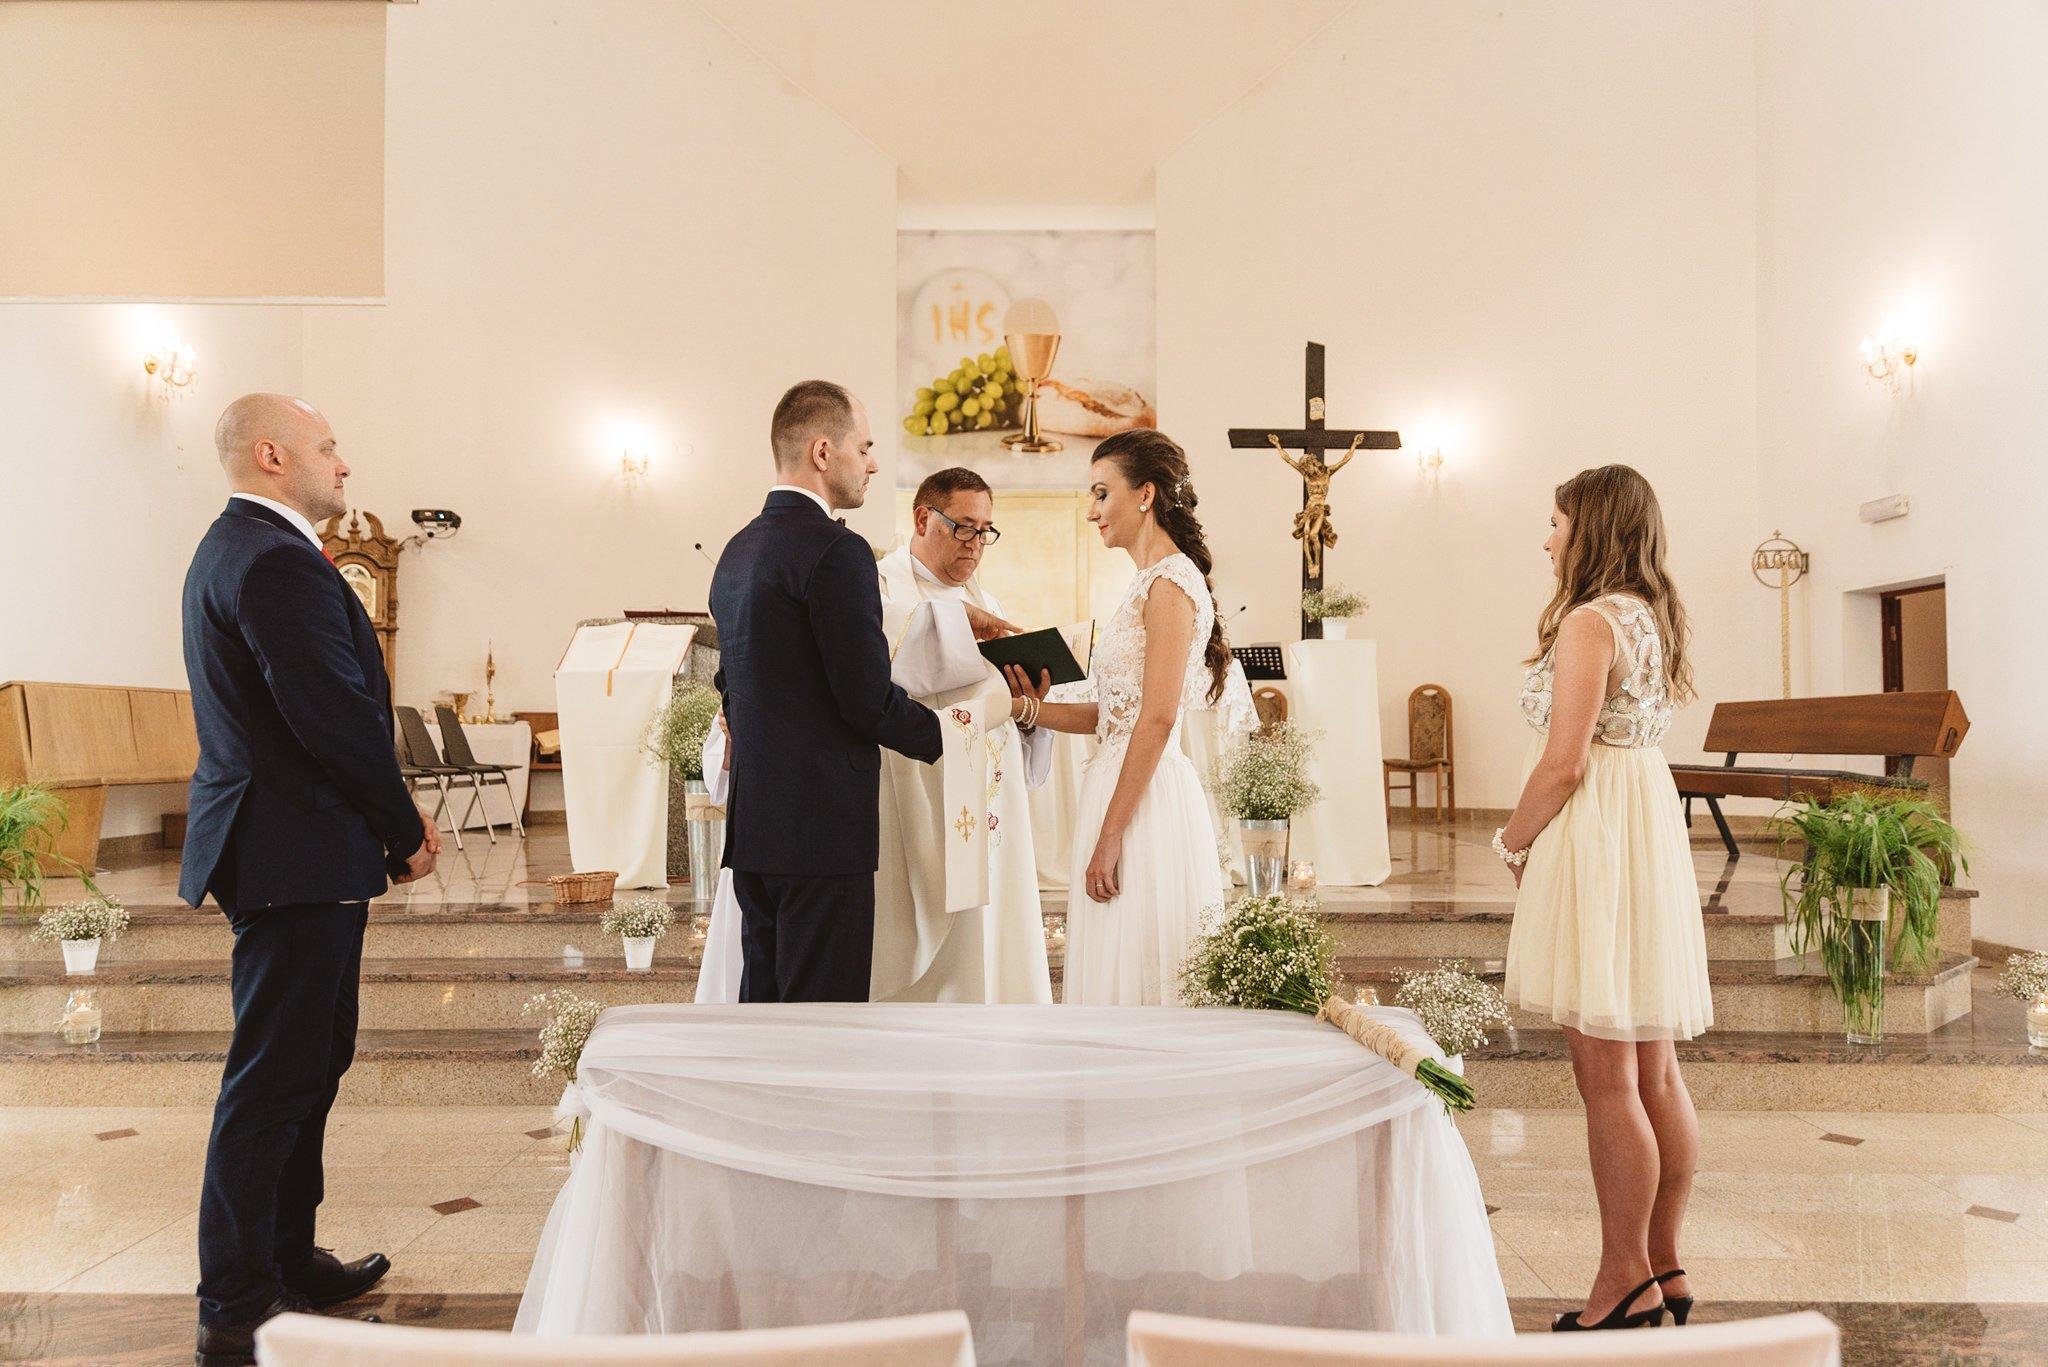 Ala i Arek, czyli jak zorganizować ślub i wesele w 4 tygodnie! 101